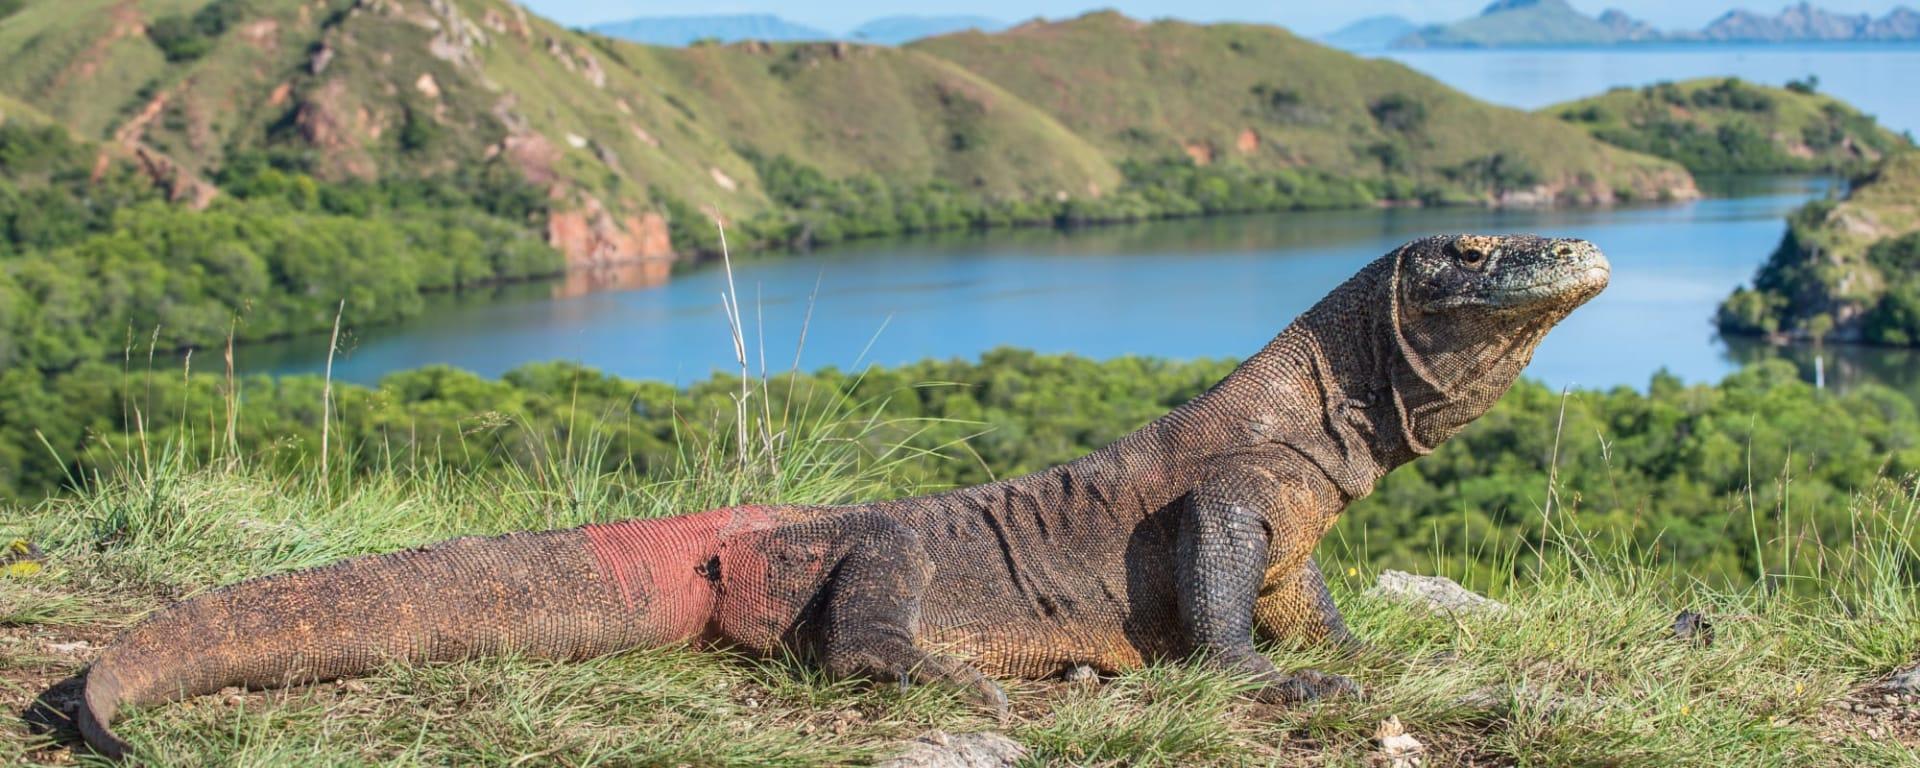 Abenteuer Komodo ab Labuan Bajo: Indonesien Flores Komodo Rinca Waran